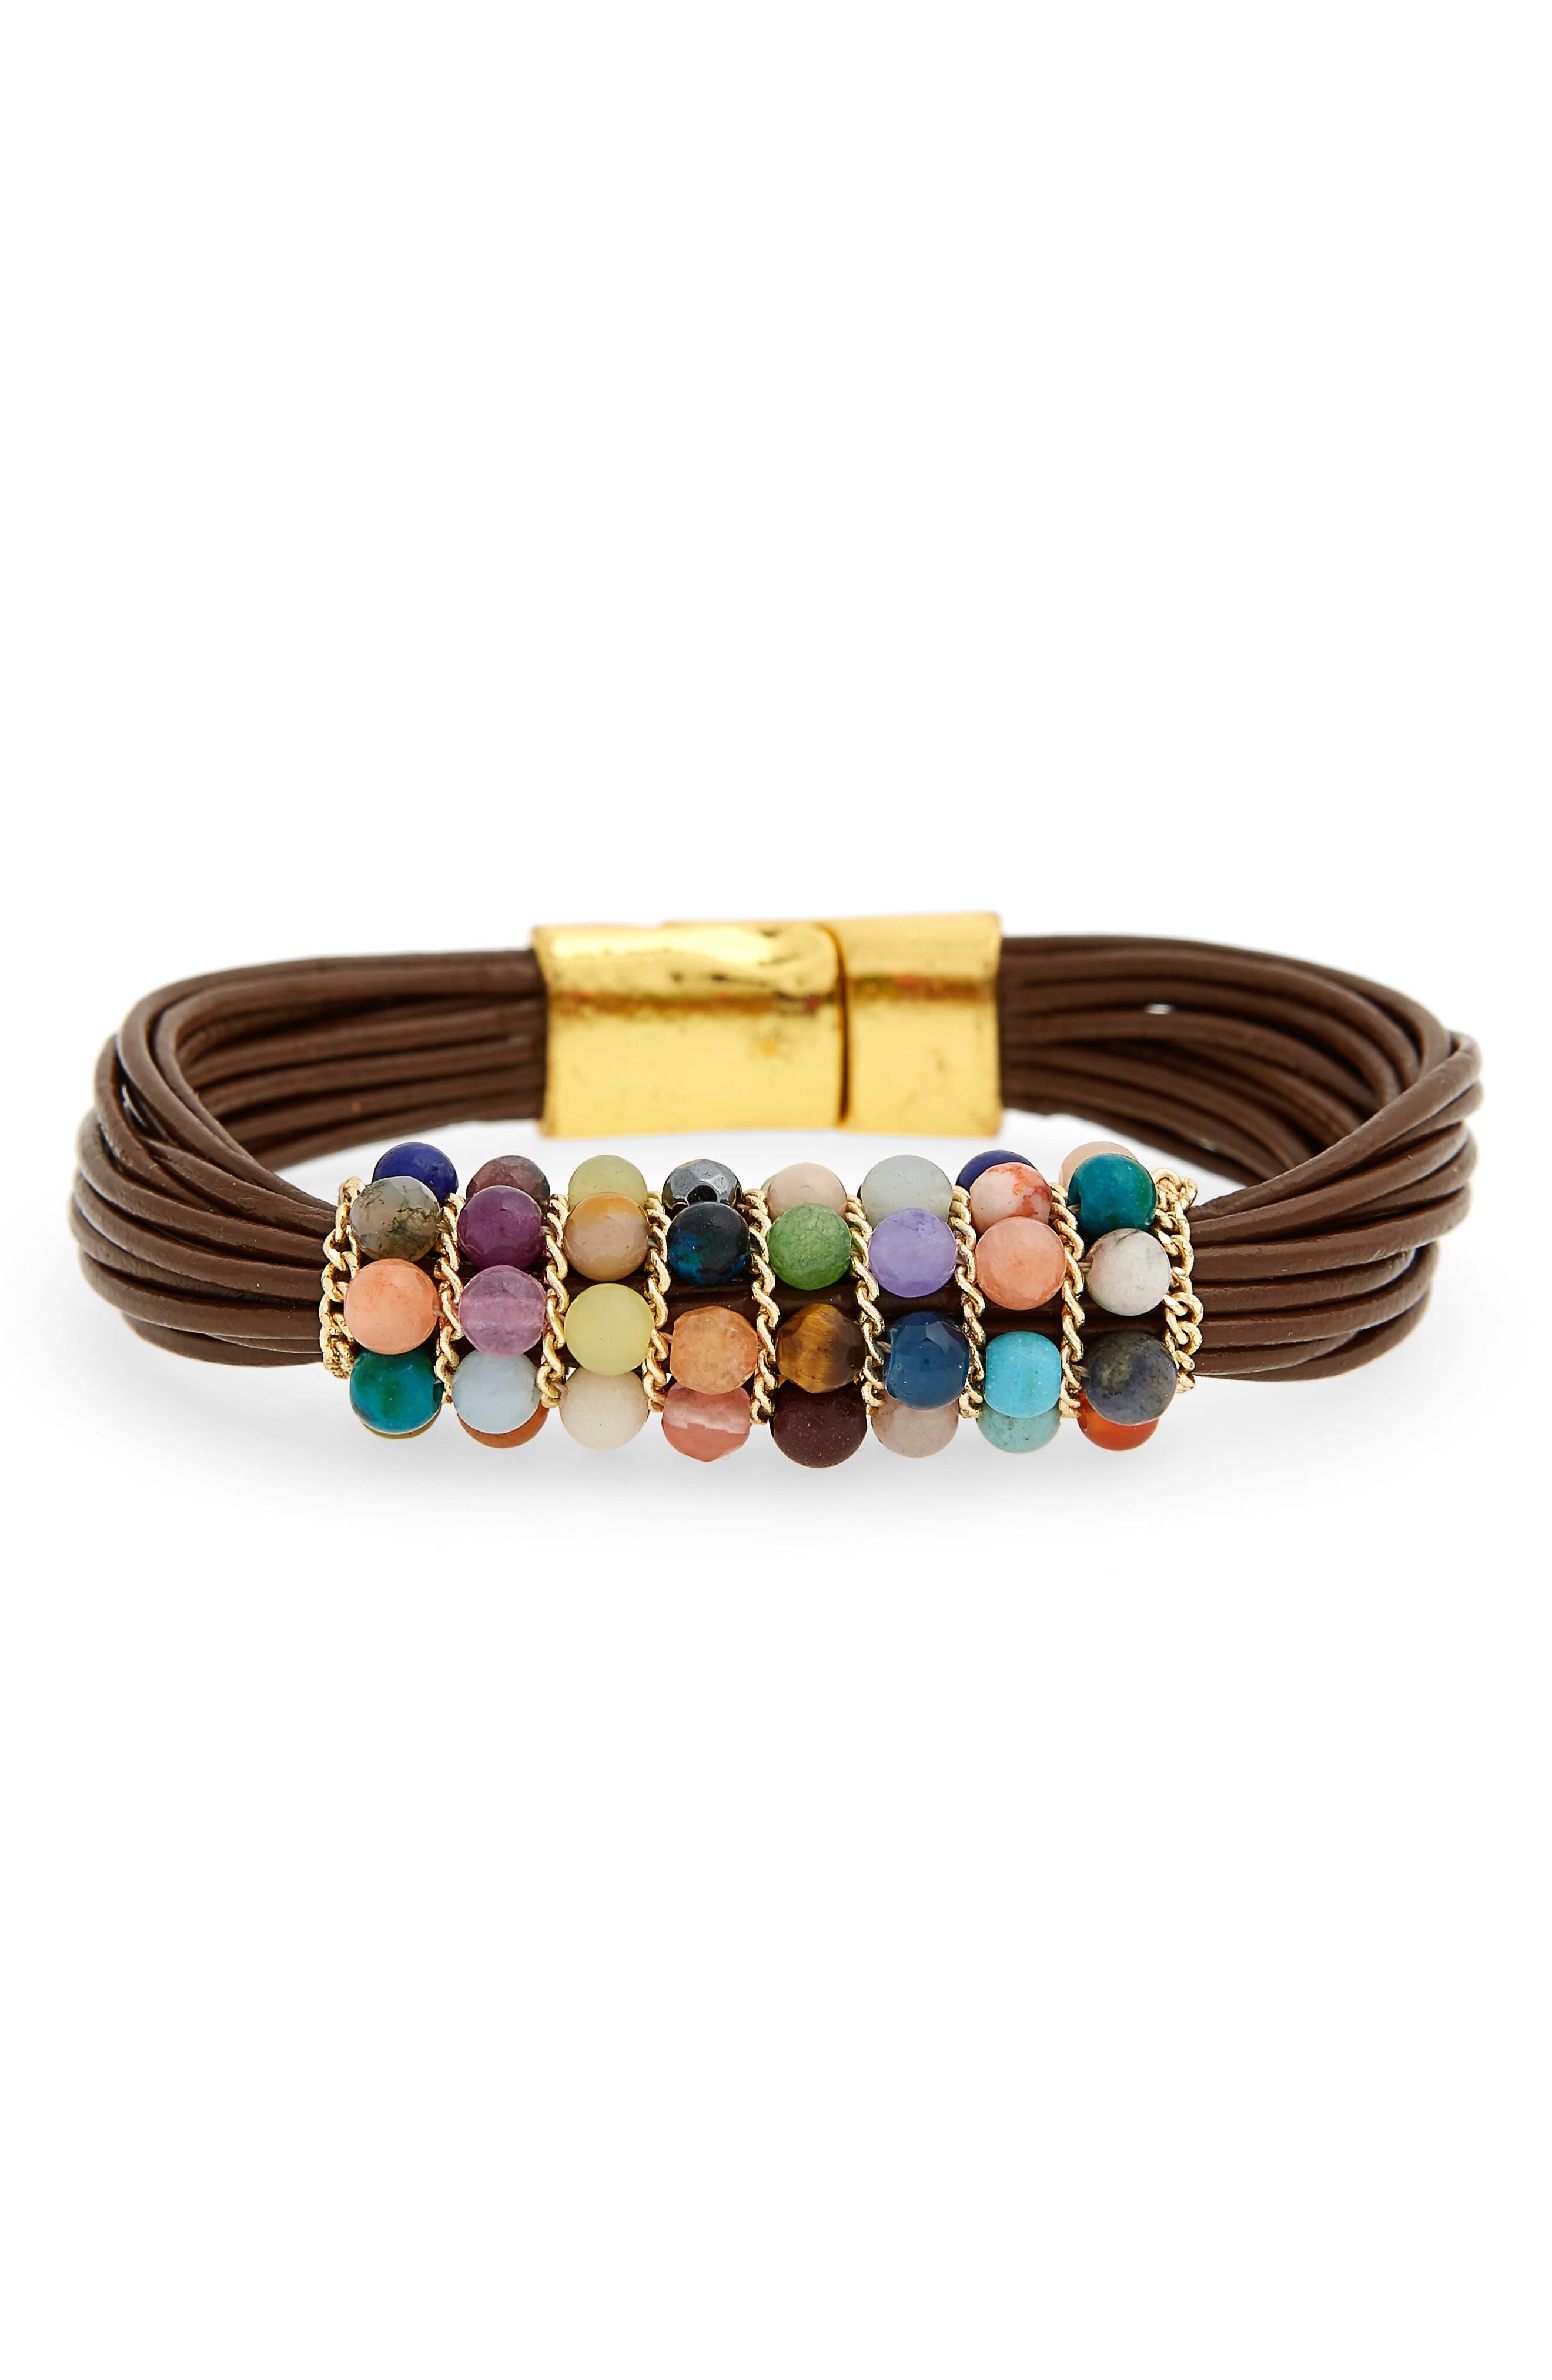 Stone & Leather Bracelet,                         Main,                         color, Multi